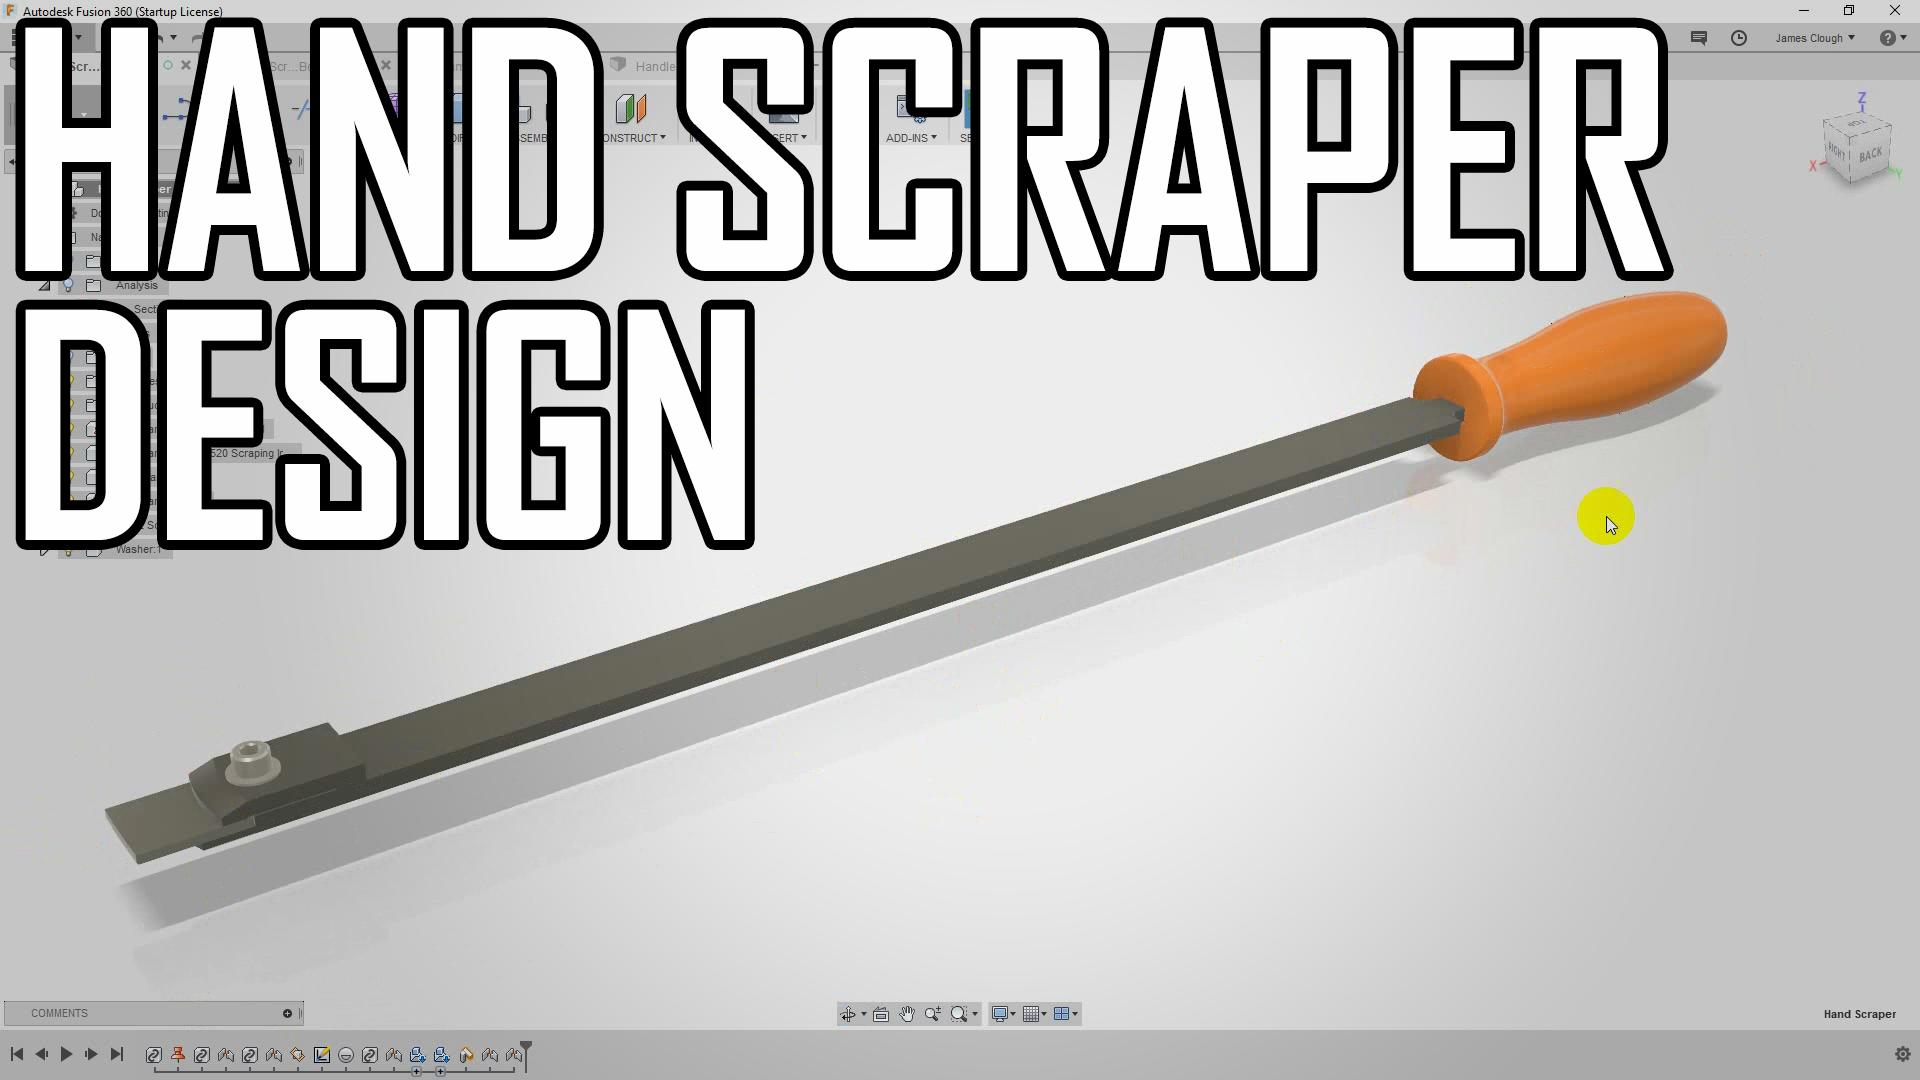 Hand Scraper 1: Design Overview